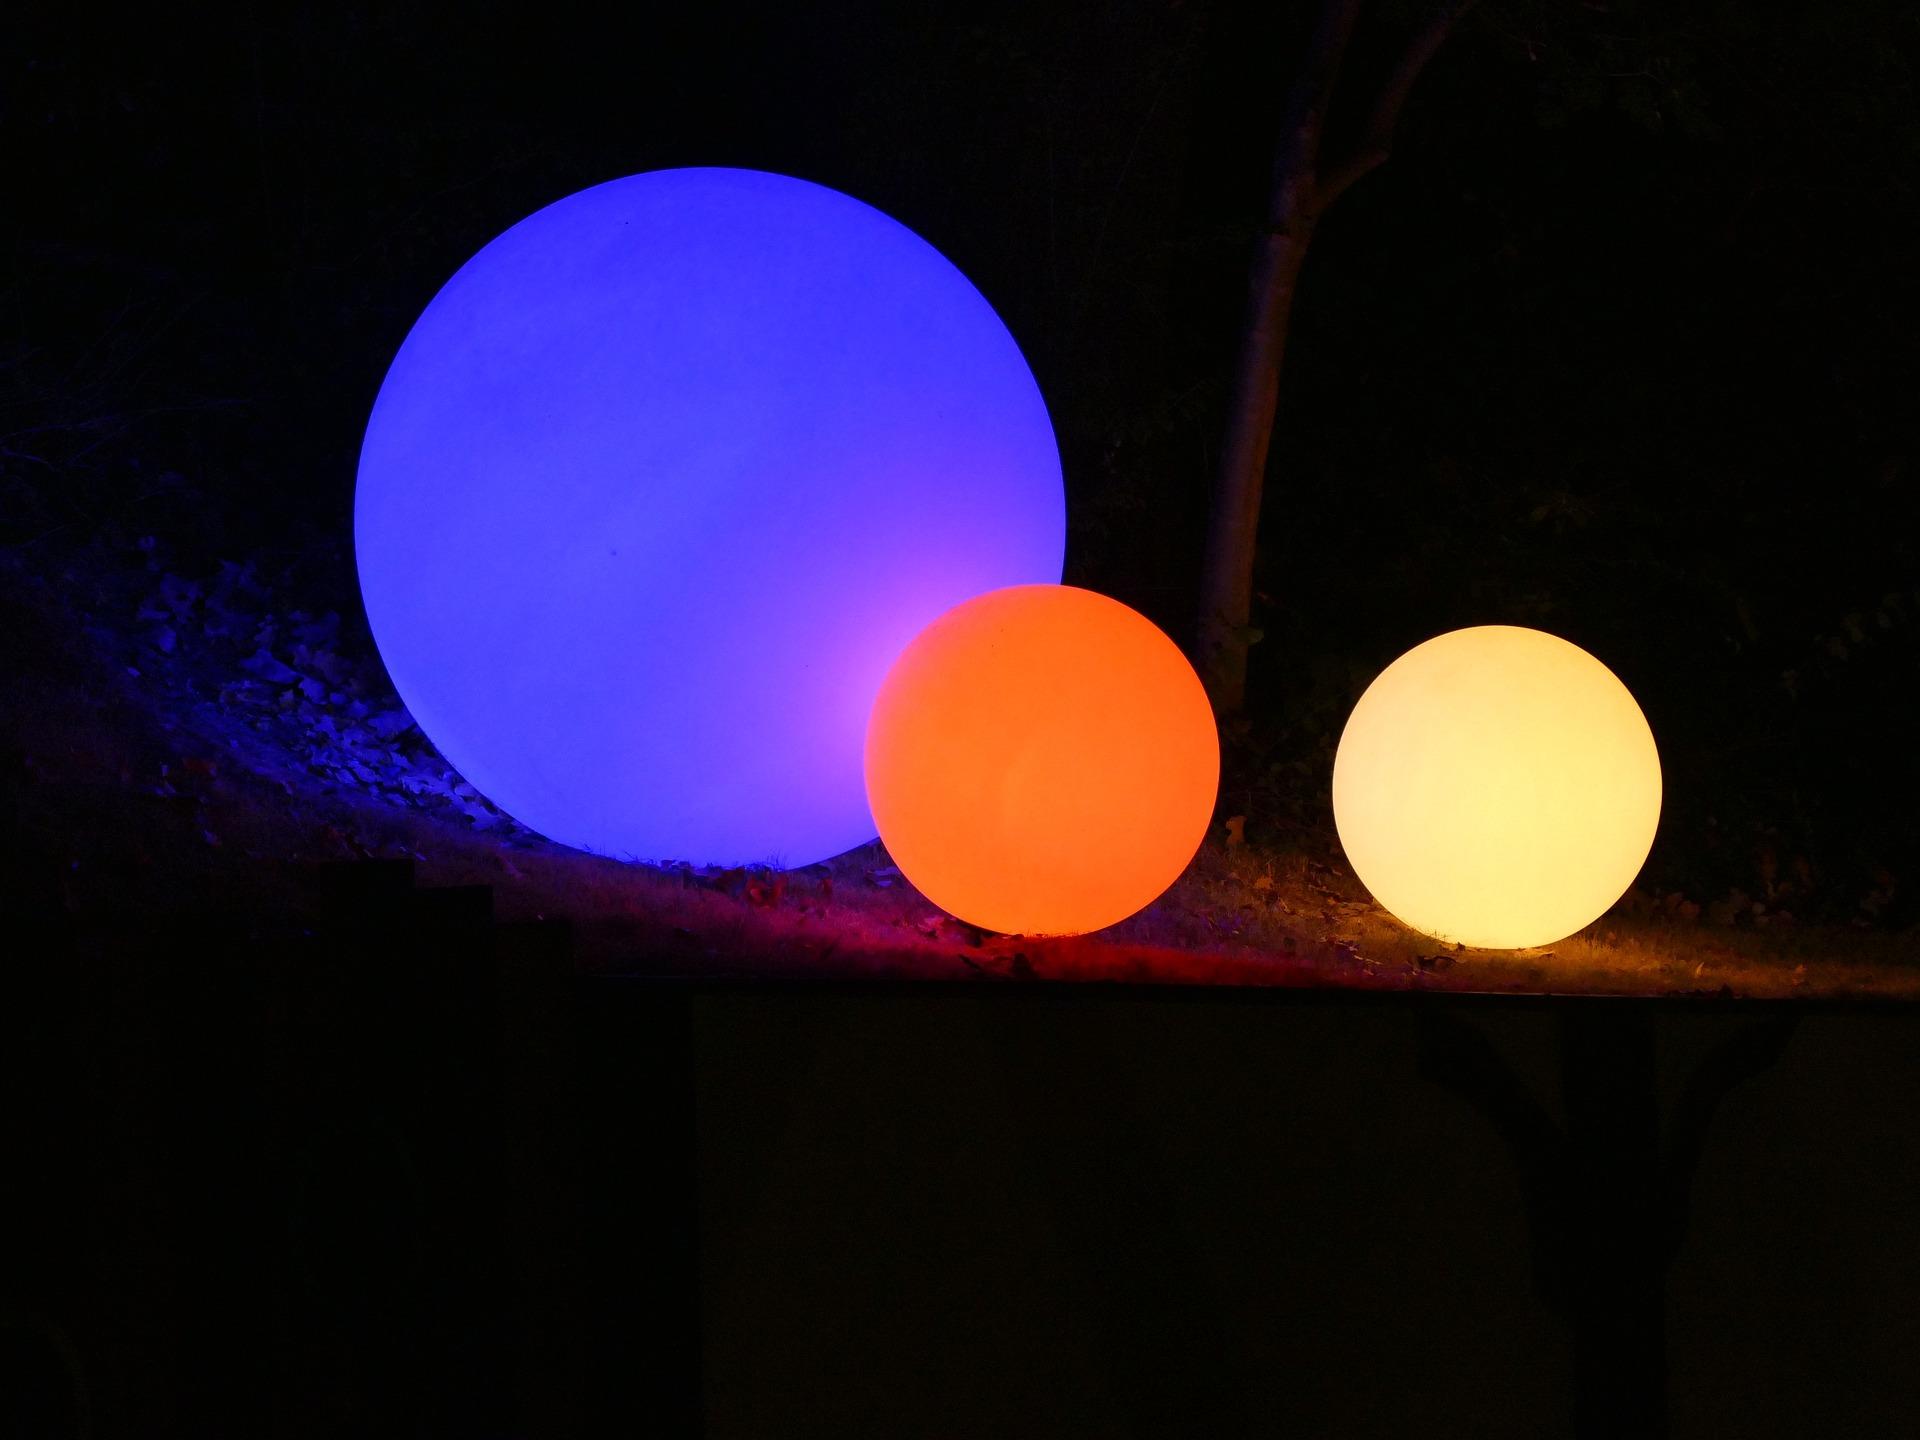 lights-961847_1920